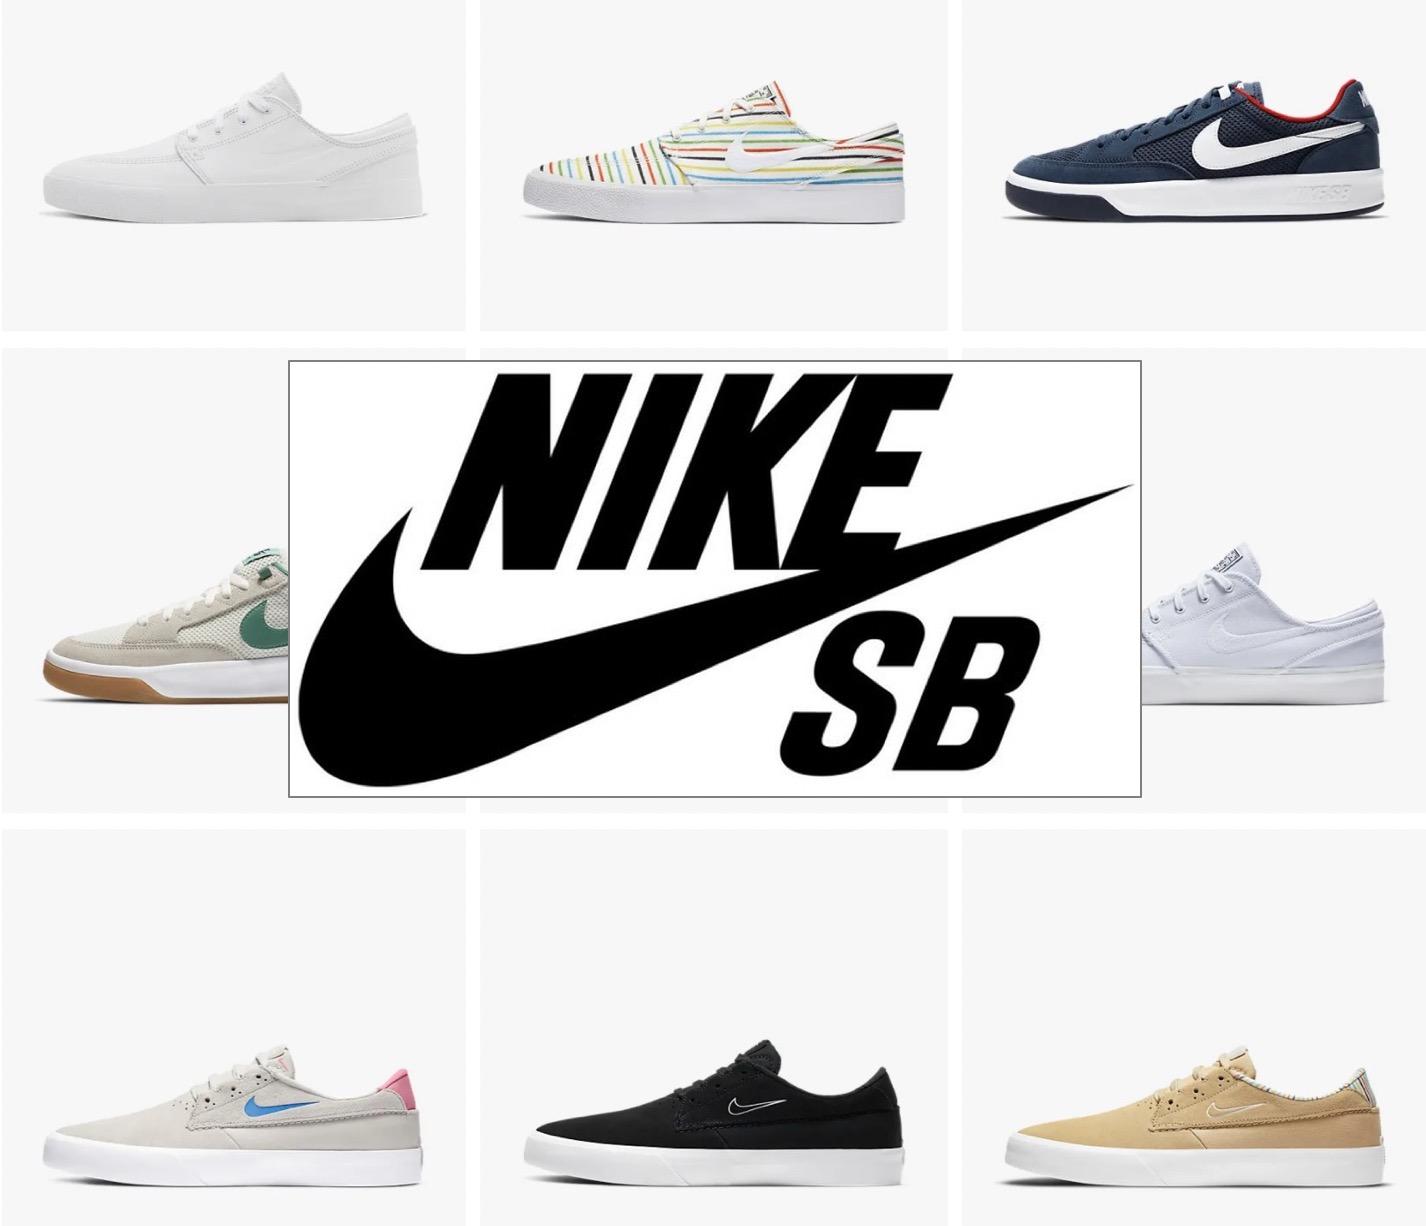 Code promo Nike : 30% de réduction sur les chaussures Nike SB spécialement conçues pour le skateboard